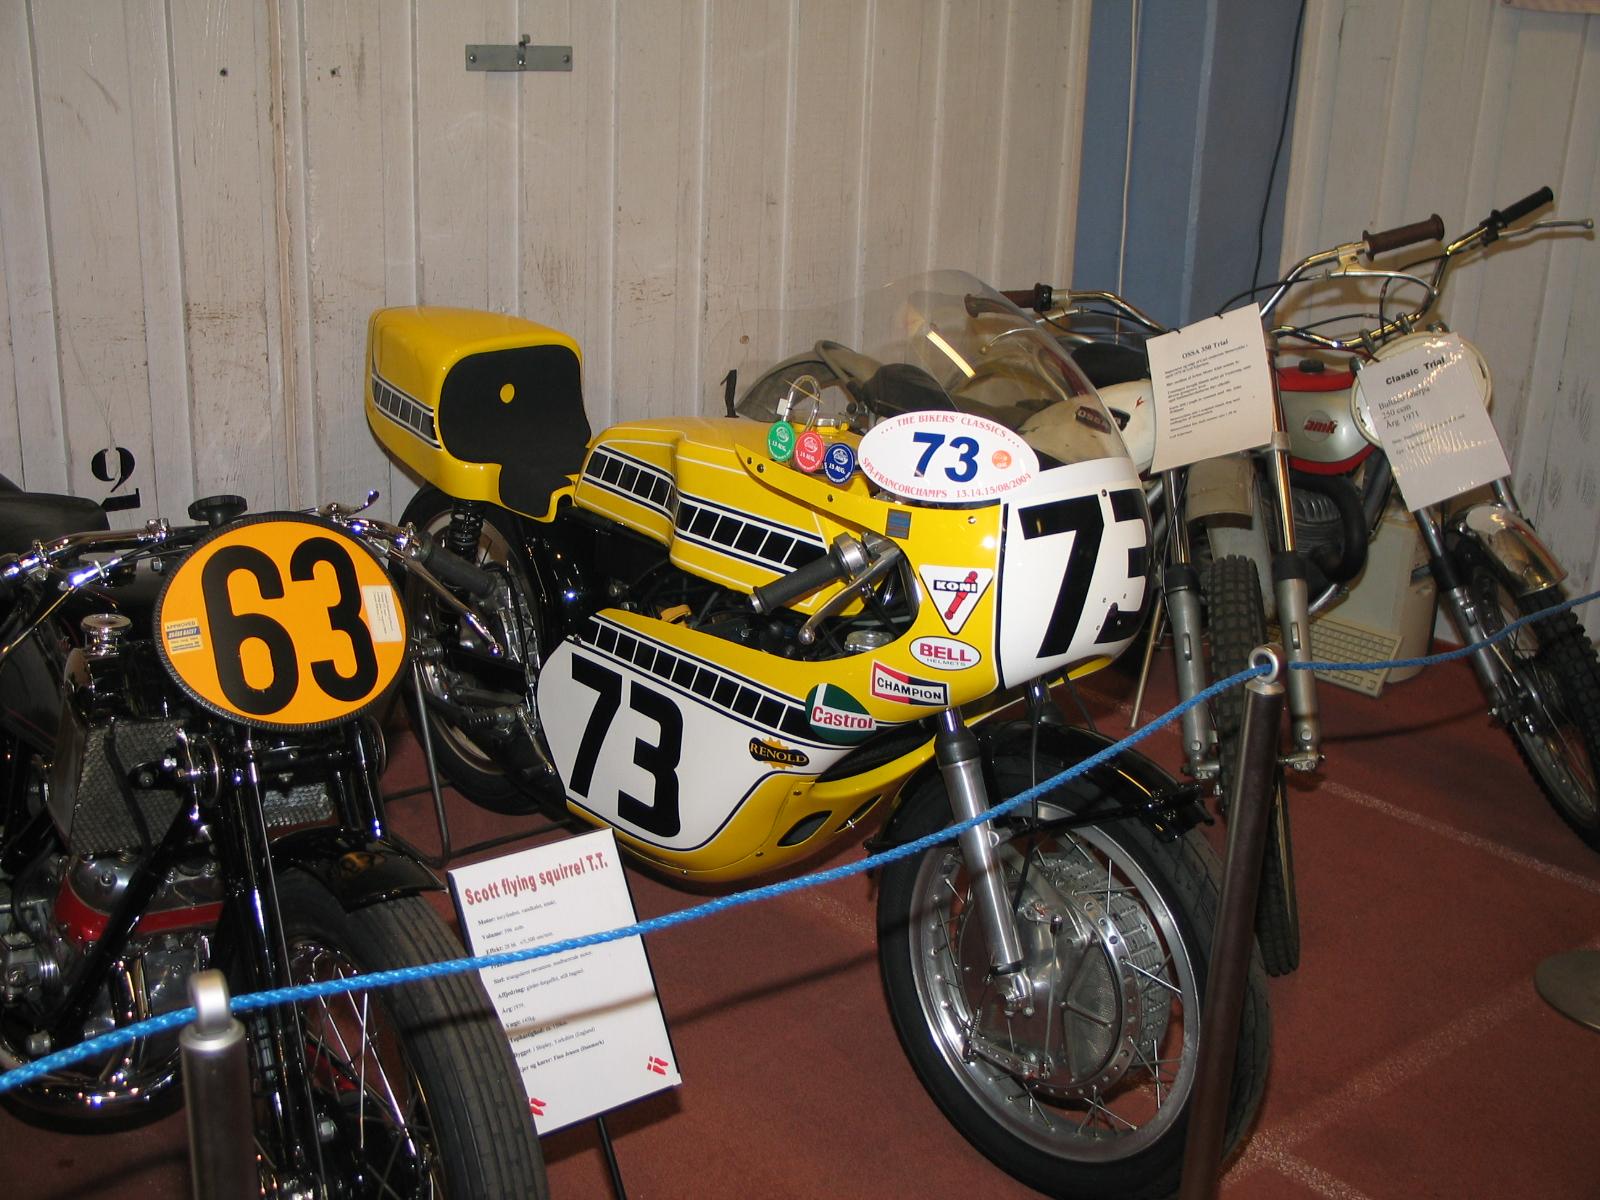 Med nr. 73 Svend Andersson flotte Yamaha racer.